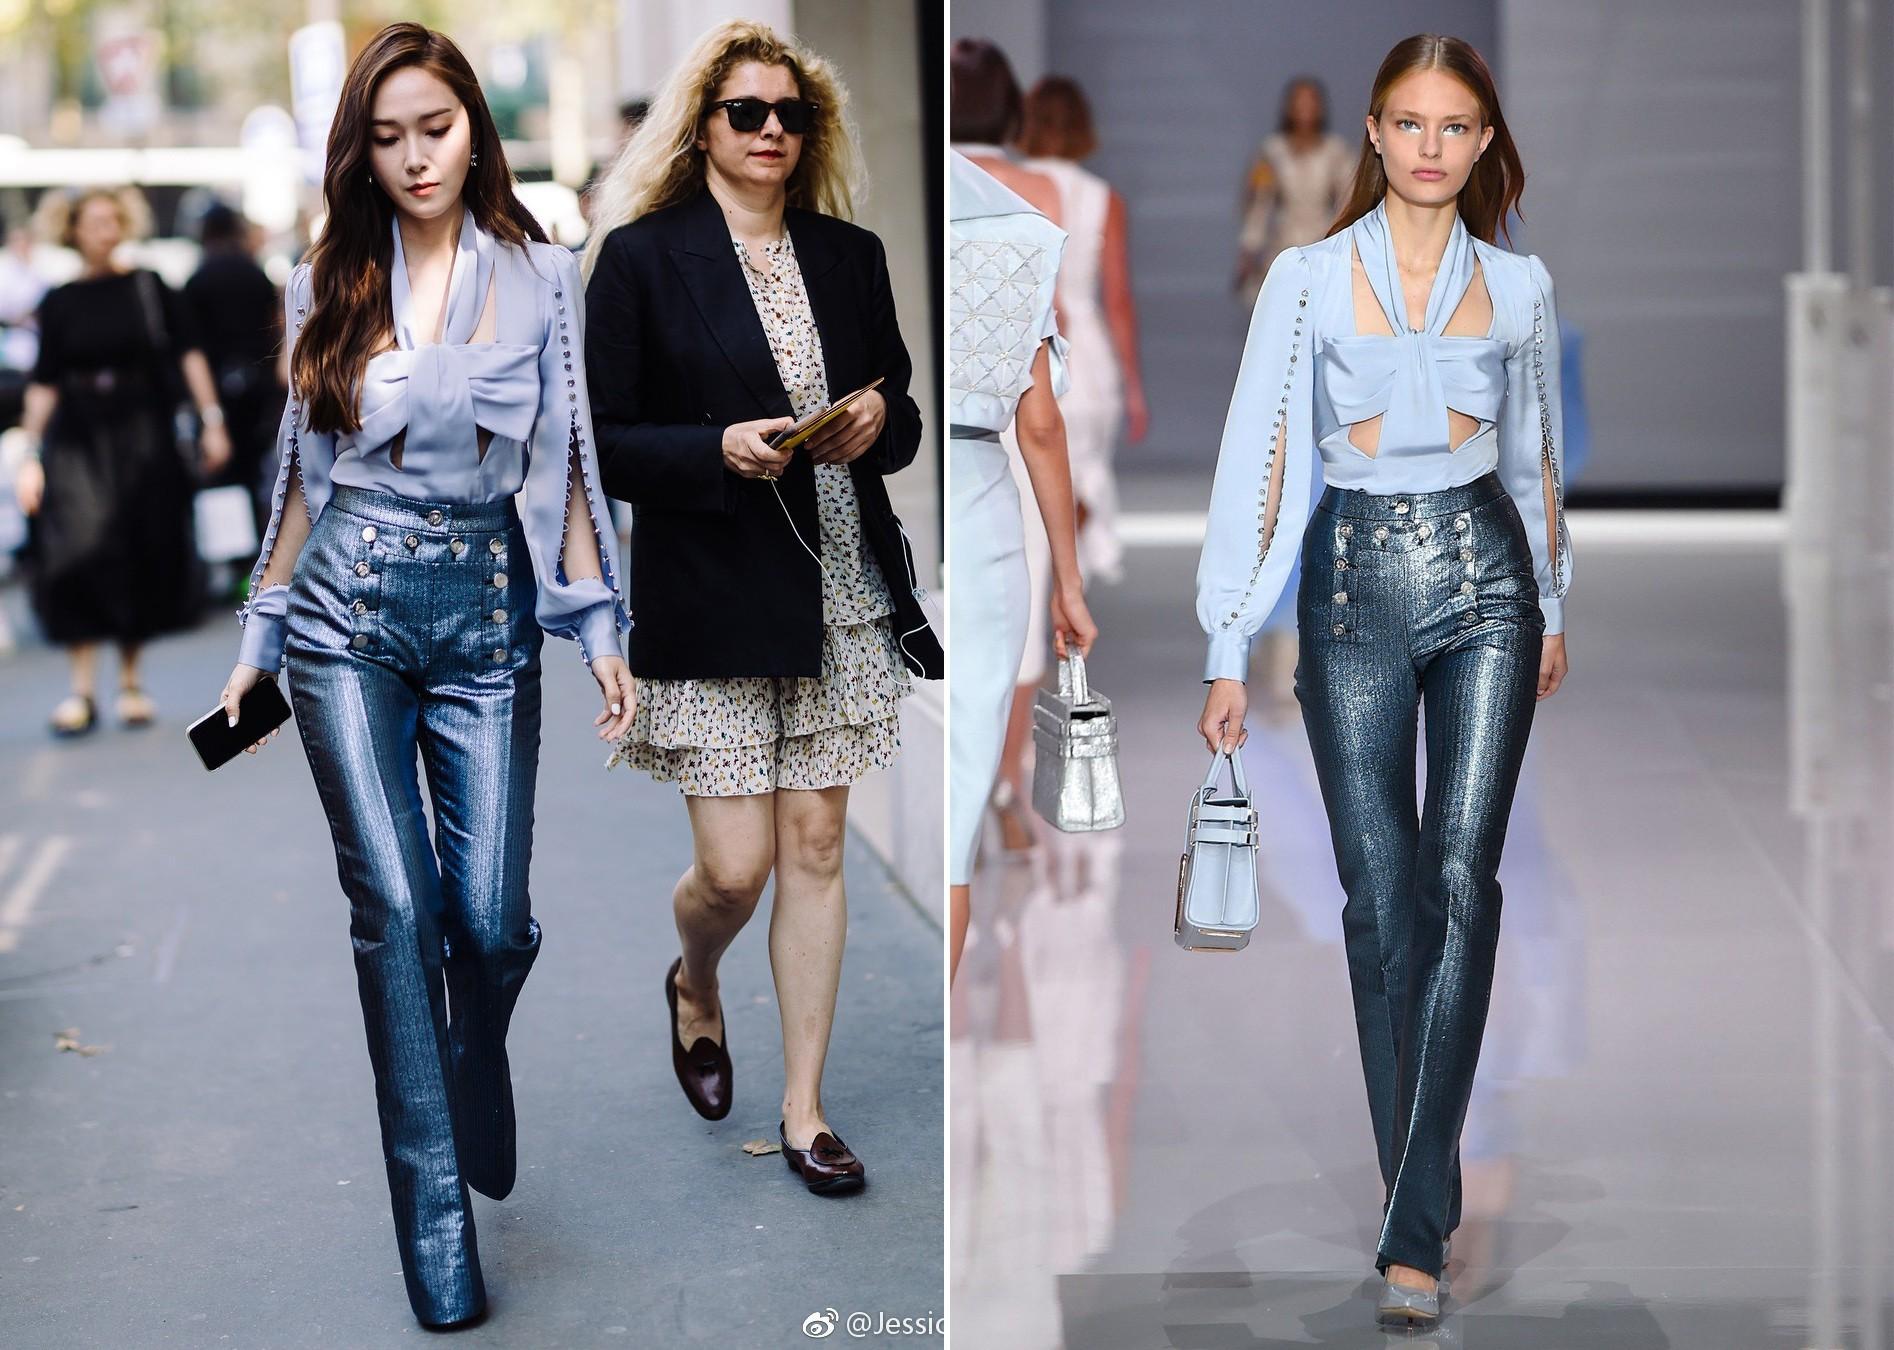 Jessica Jung khoe nhan sắc trong veo và gu thời trang đẳng cấp tại show diễn thời trang - Ảnh 6.